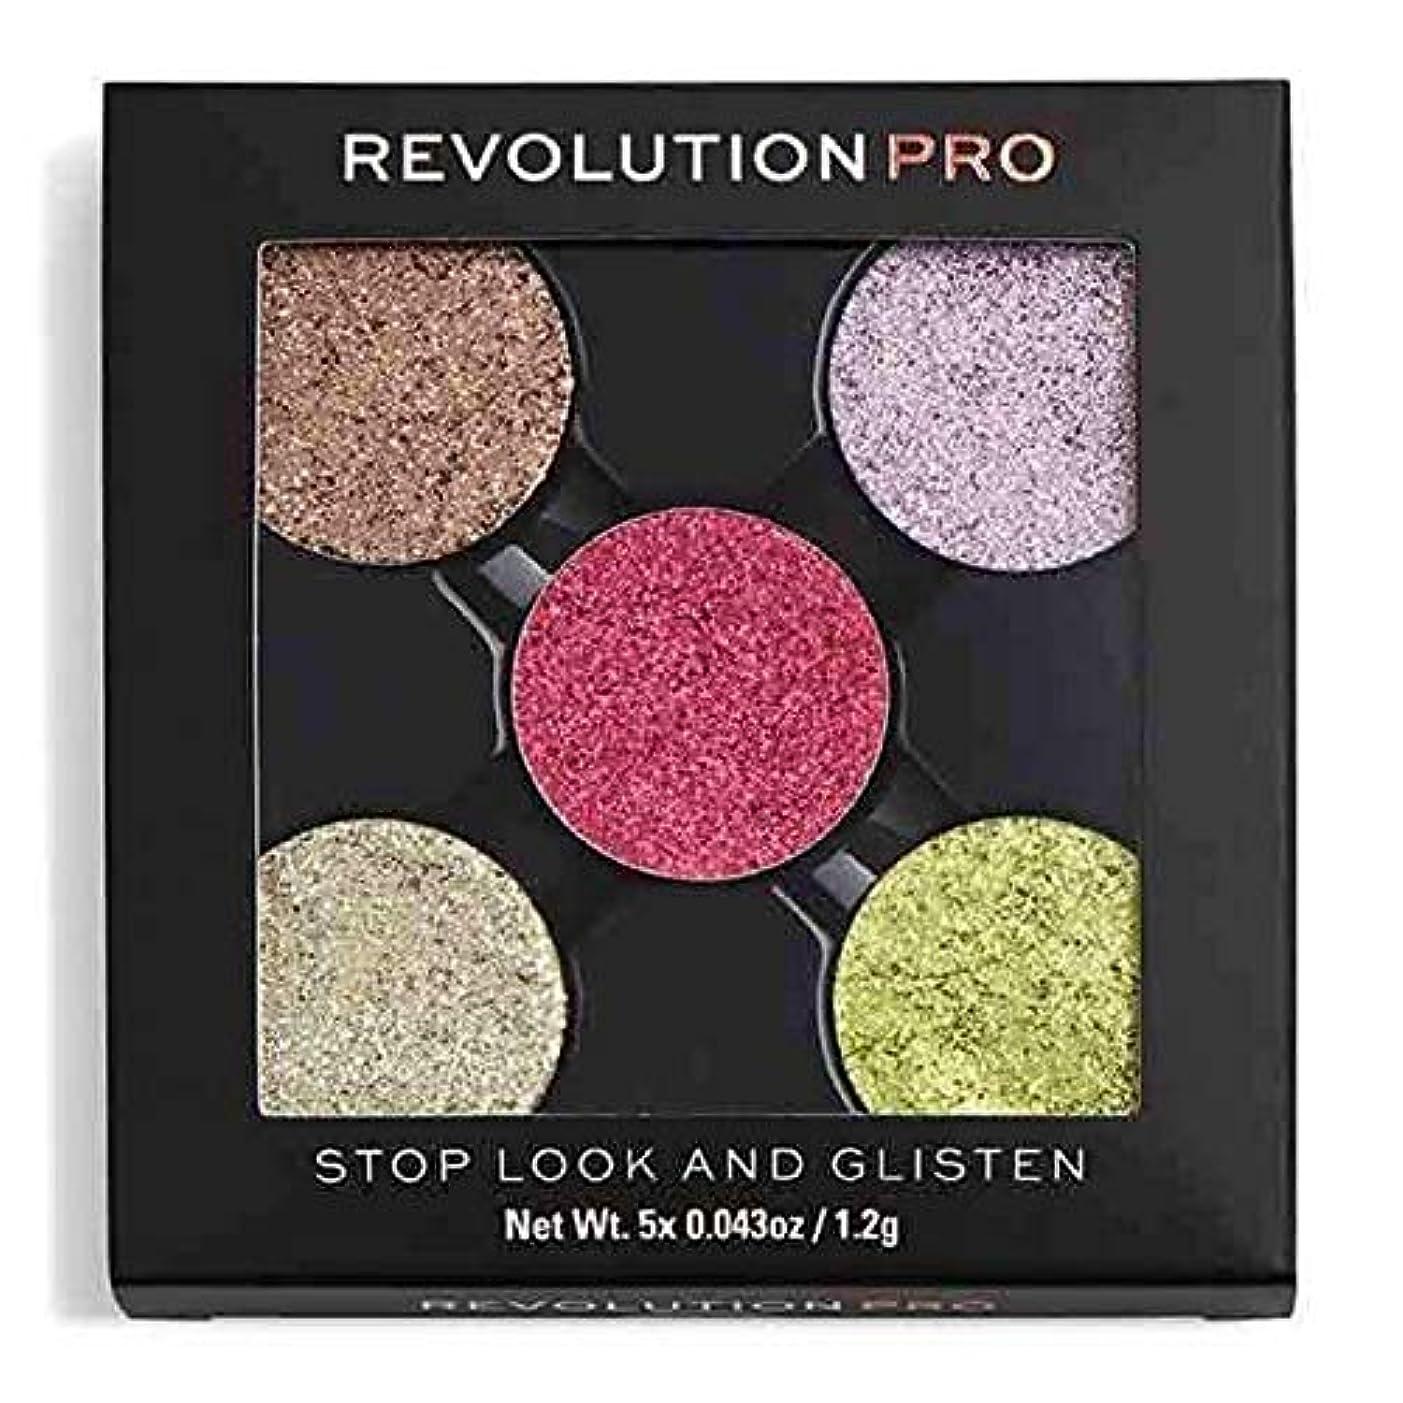 たくさん間接的程度[Revolution ] 革命のプロが見て、光る、キラキラパックストップを押します - Revolution Pro Pressed Glitter Pack Stop, Look and Glisten [並行輸入品]